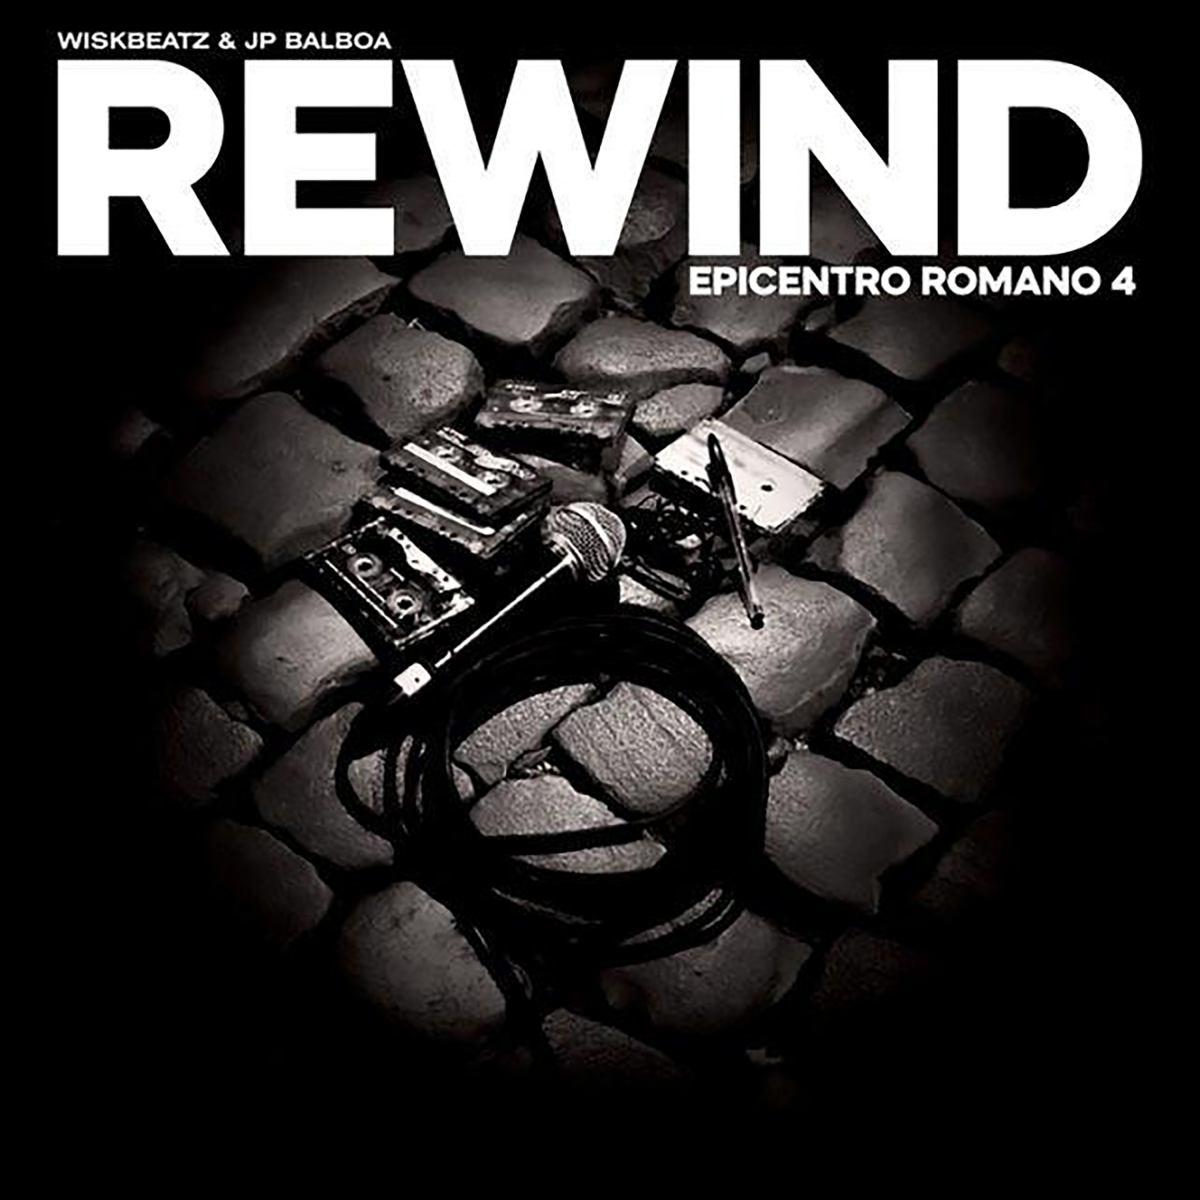 È disponibile Rewind - Epicentro Romano 4